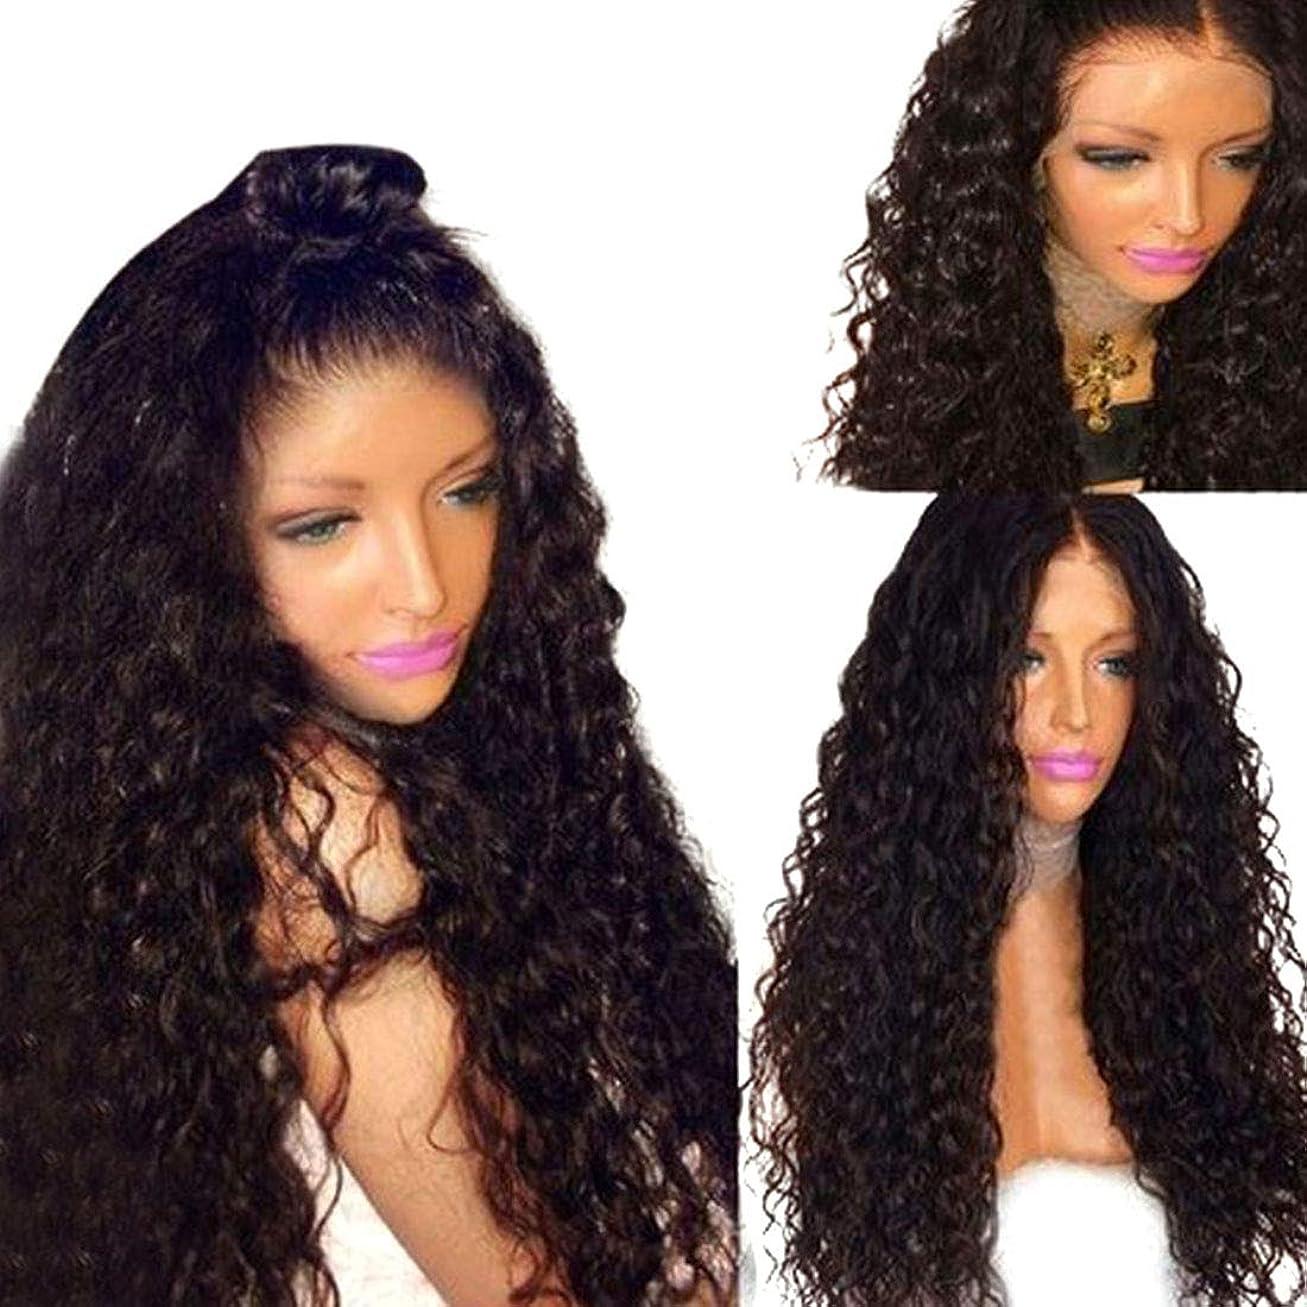 しっかりウェイド尾Yrattary ヨーロッパとアメリカの黒アフリカ小容量化学繊維かつら女性の半分手のフックフロントレースかつら合成毛髪のかつらロールプレイングかつら (色 : Photo Color, サイズ : 16 inches)